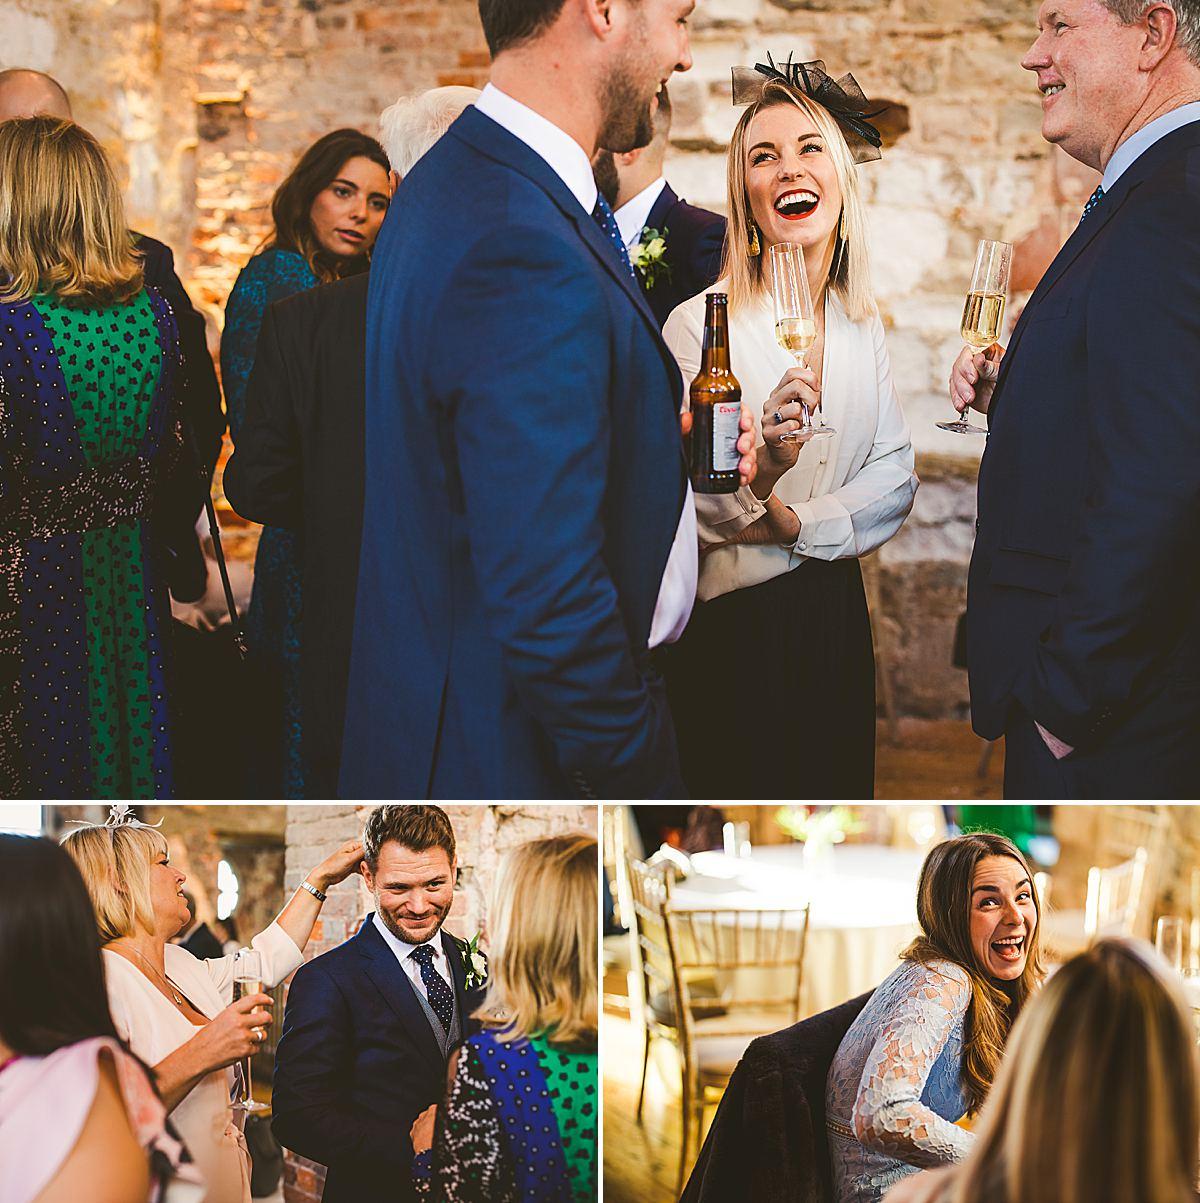 Lulworth Castle wedding reception